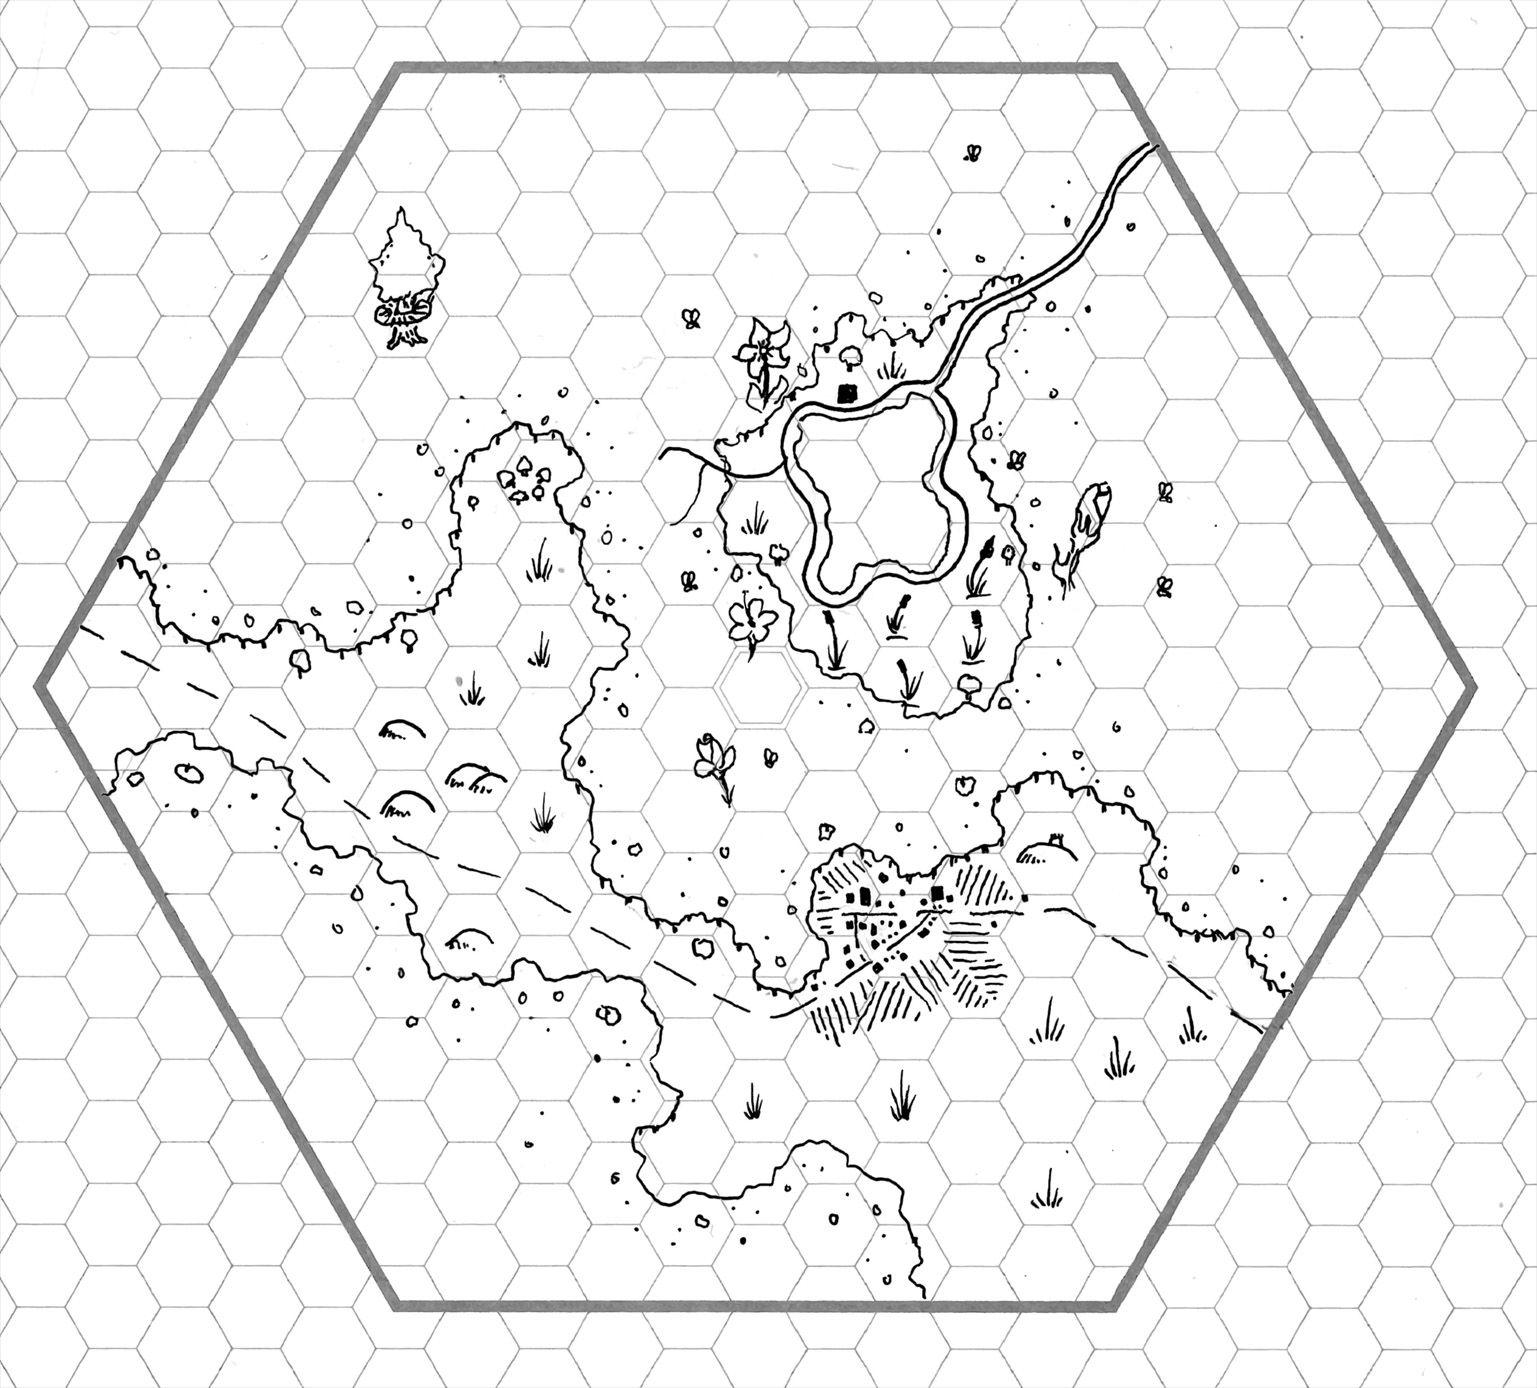 Pin By Jeff Lyon On Fantasy Maps